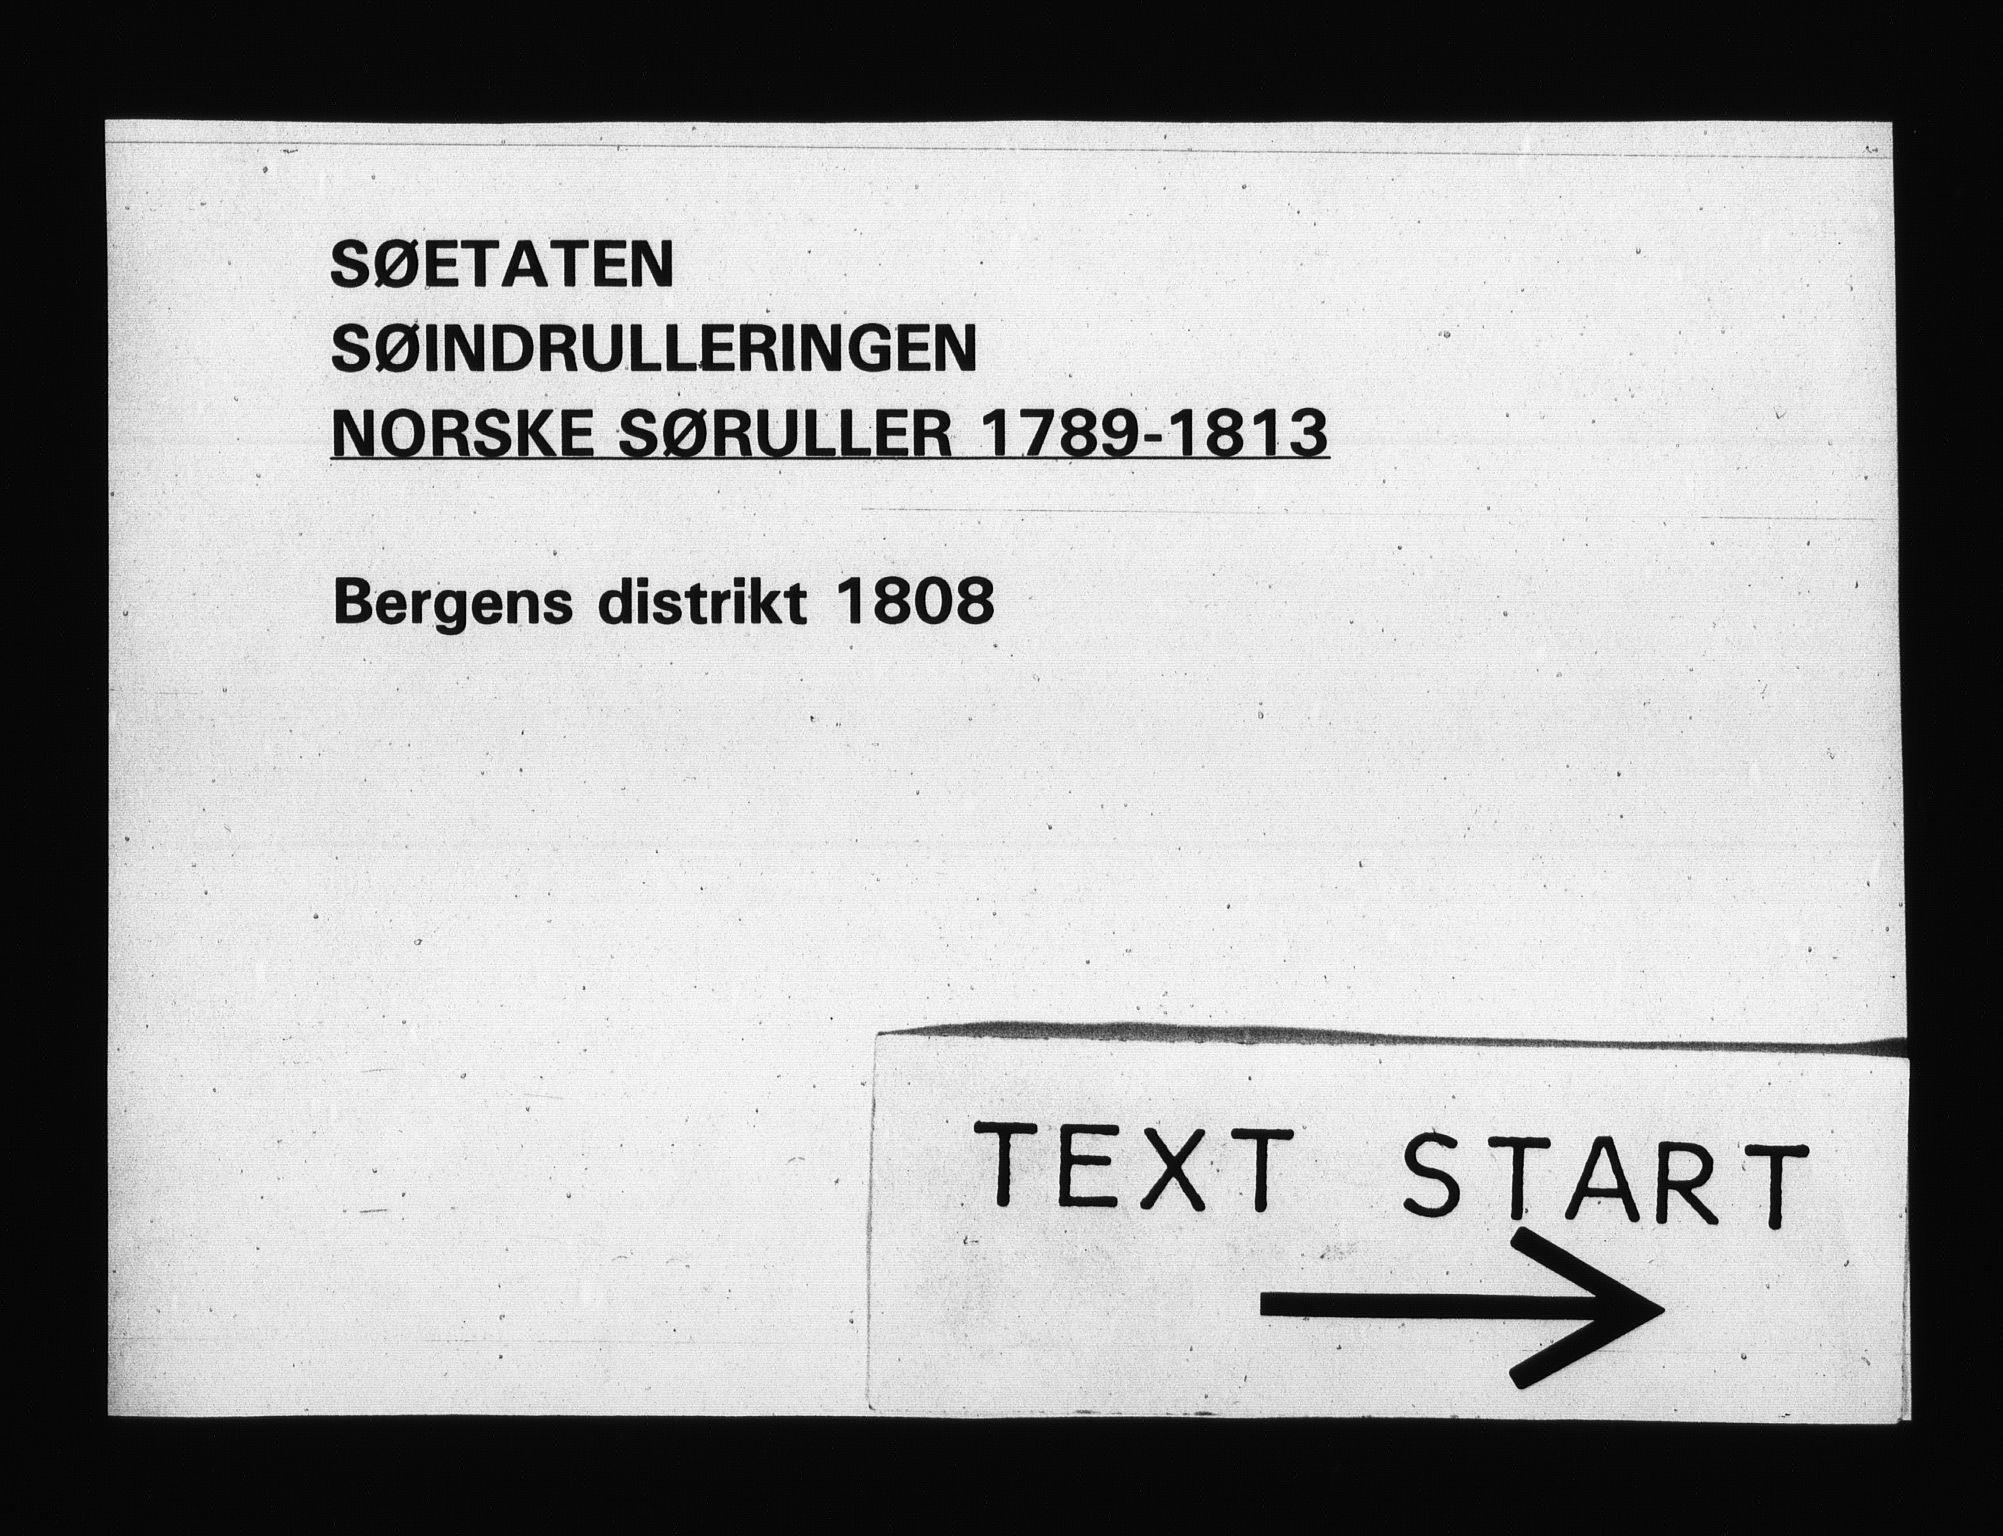 RA, Sjøetaten, F/L0247: Bergen distrikt, bind 1, 1808